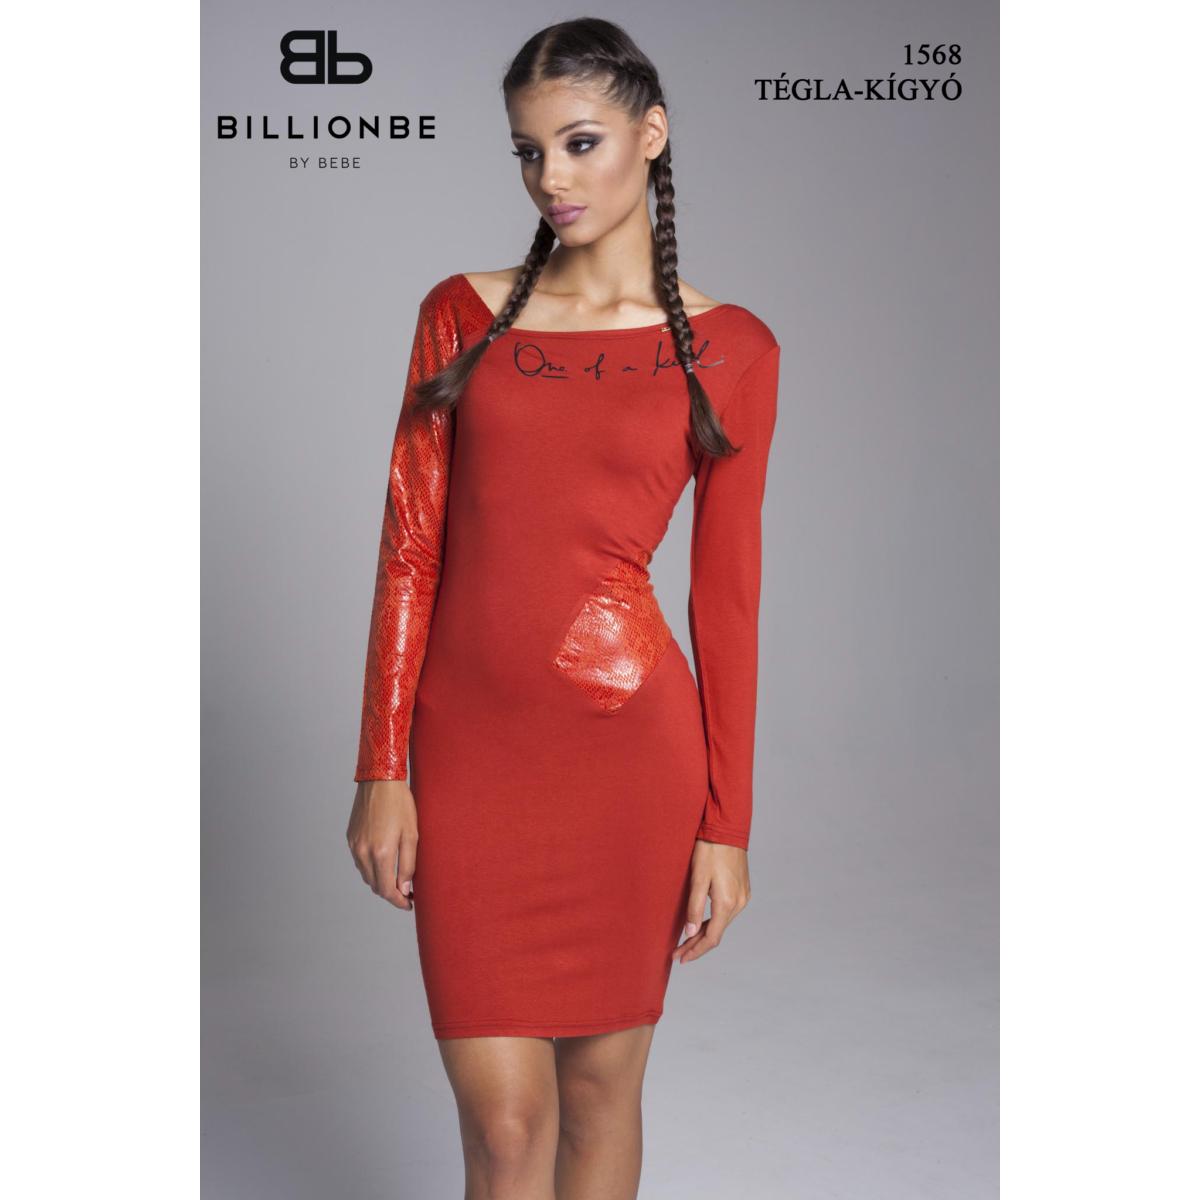 2d046260c1 Összes ruha - Ruha webáruház, női ruházat - Likefashion - 6. oldal